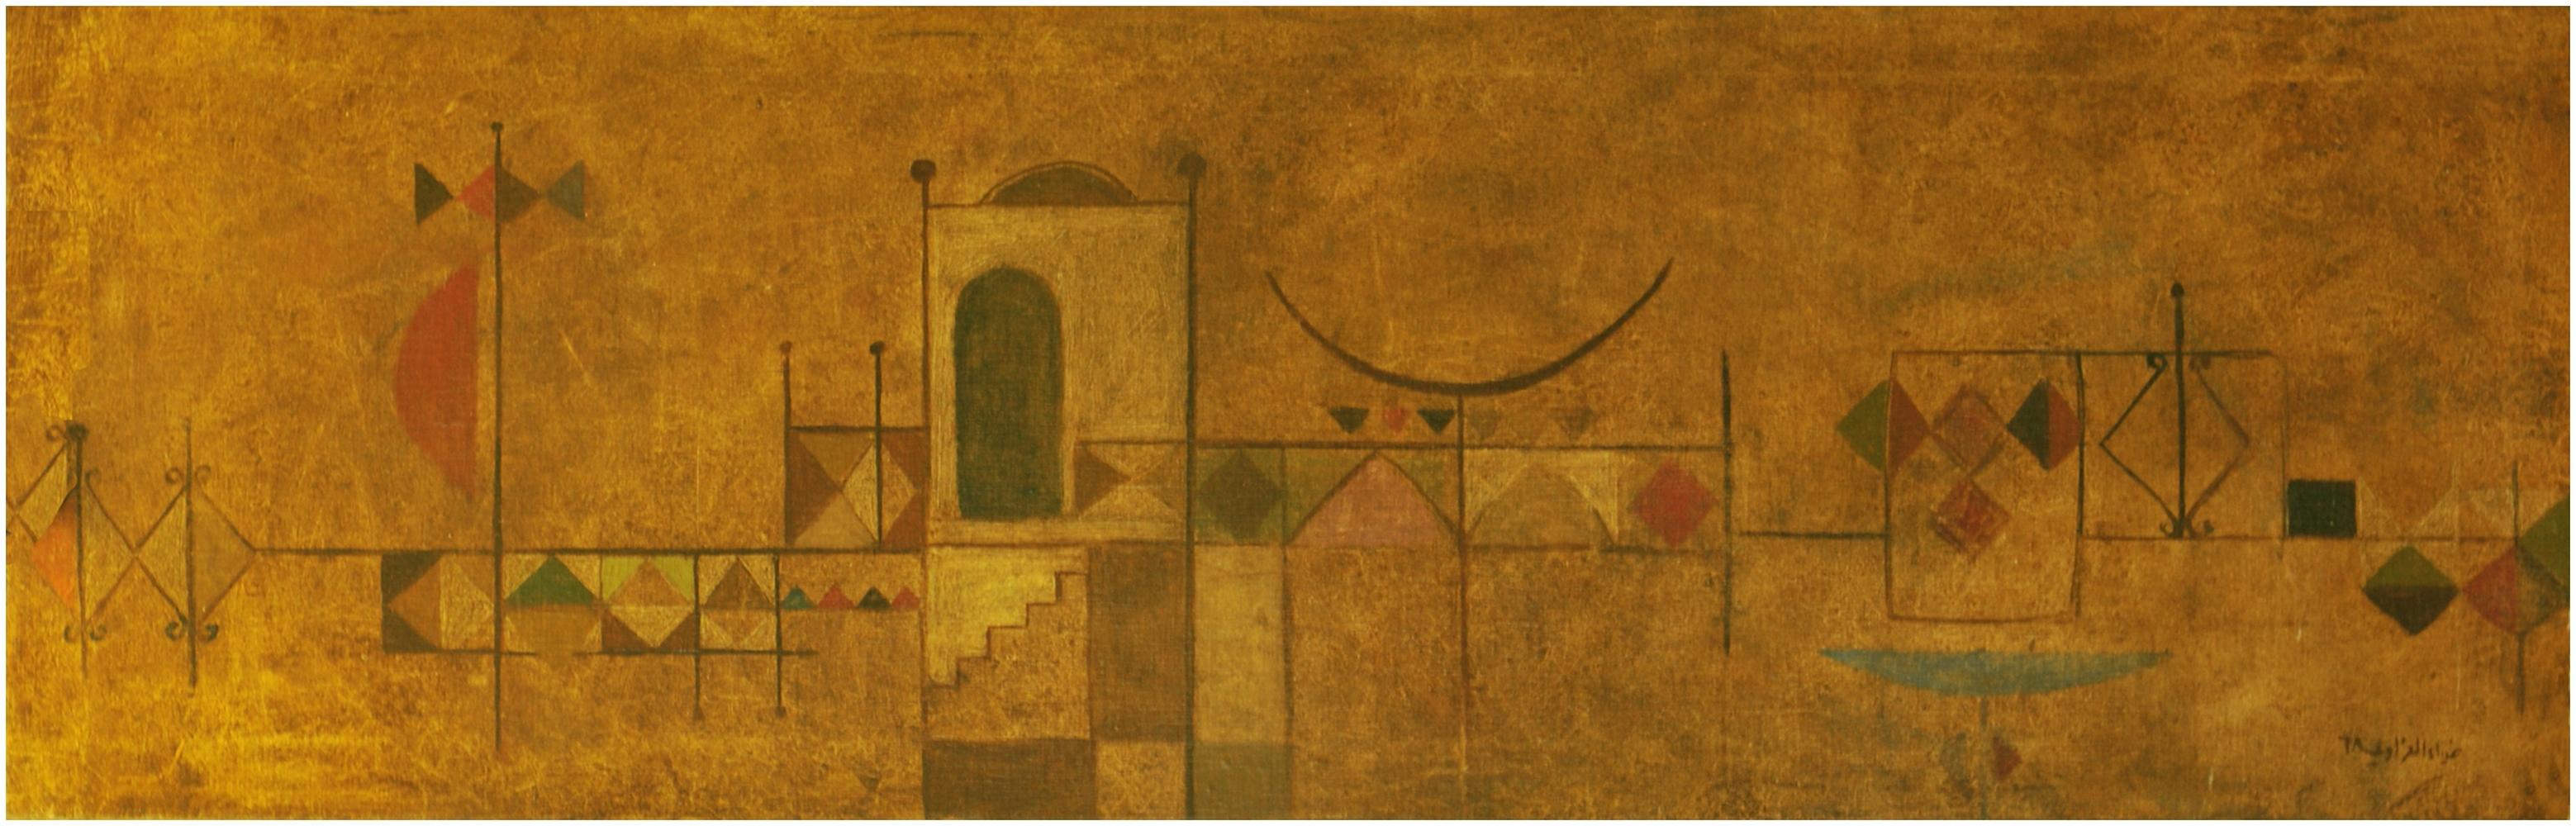 Dia Azzawi (Iraq, born 1939) Architectural Composition